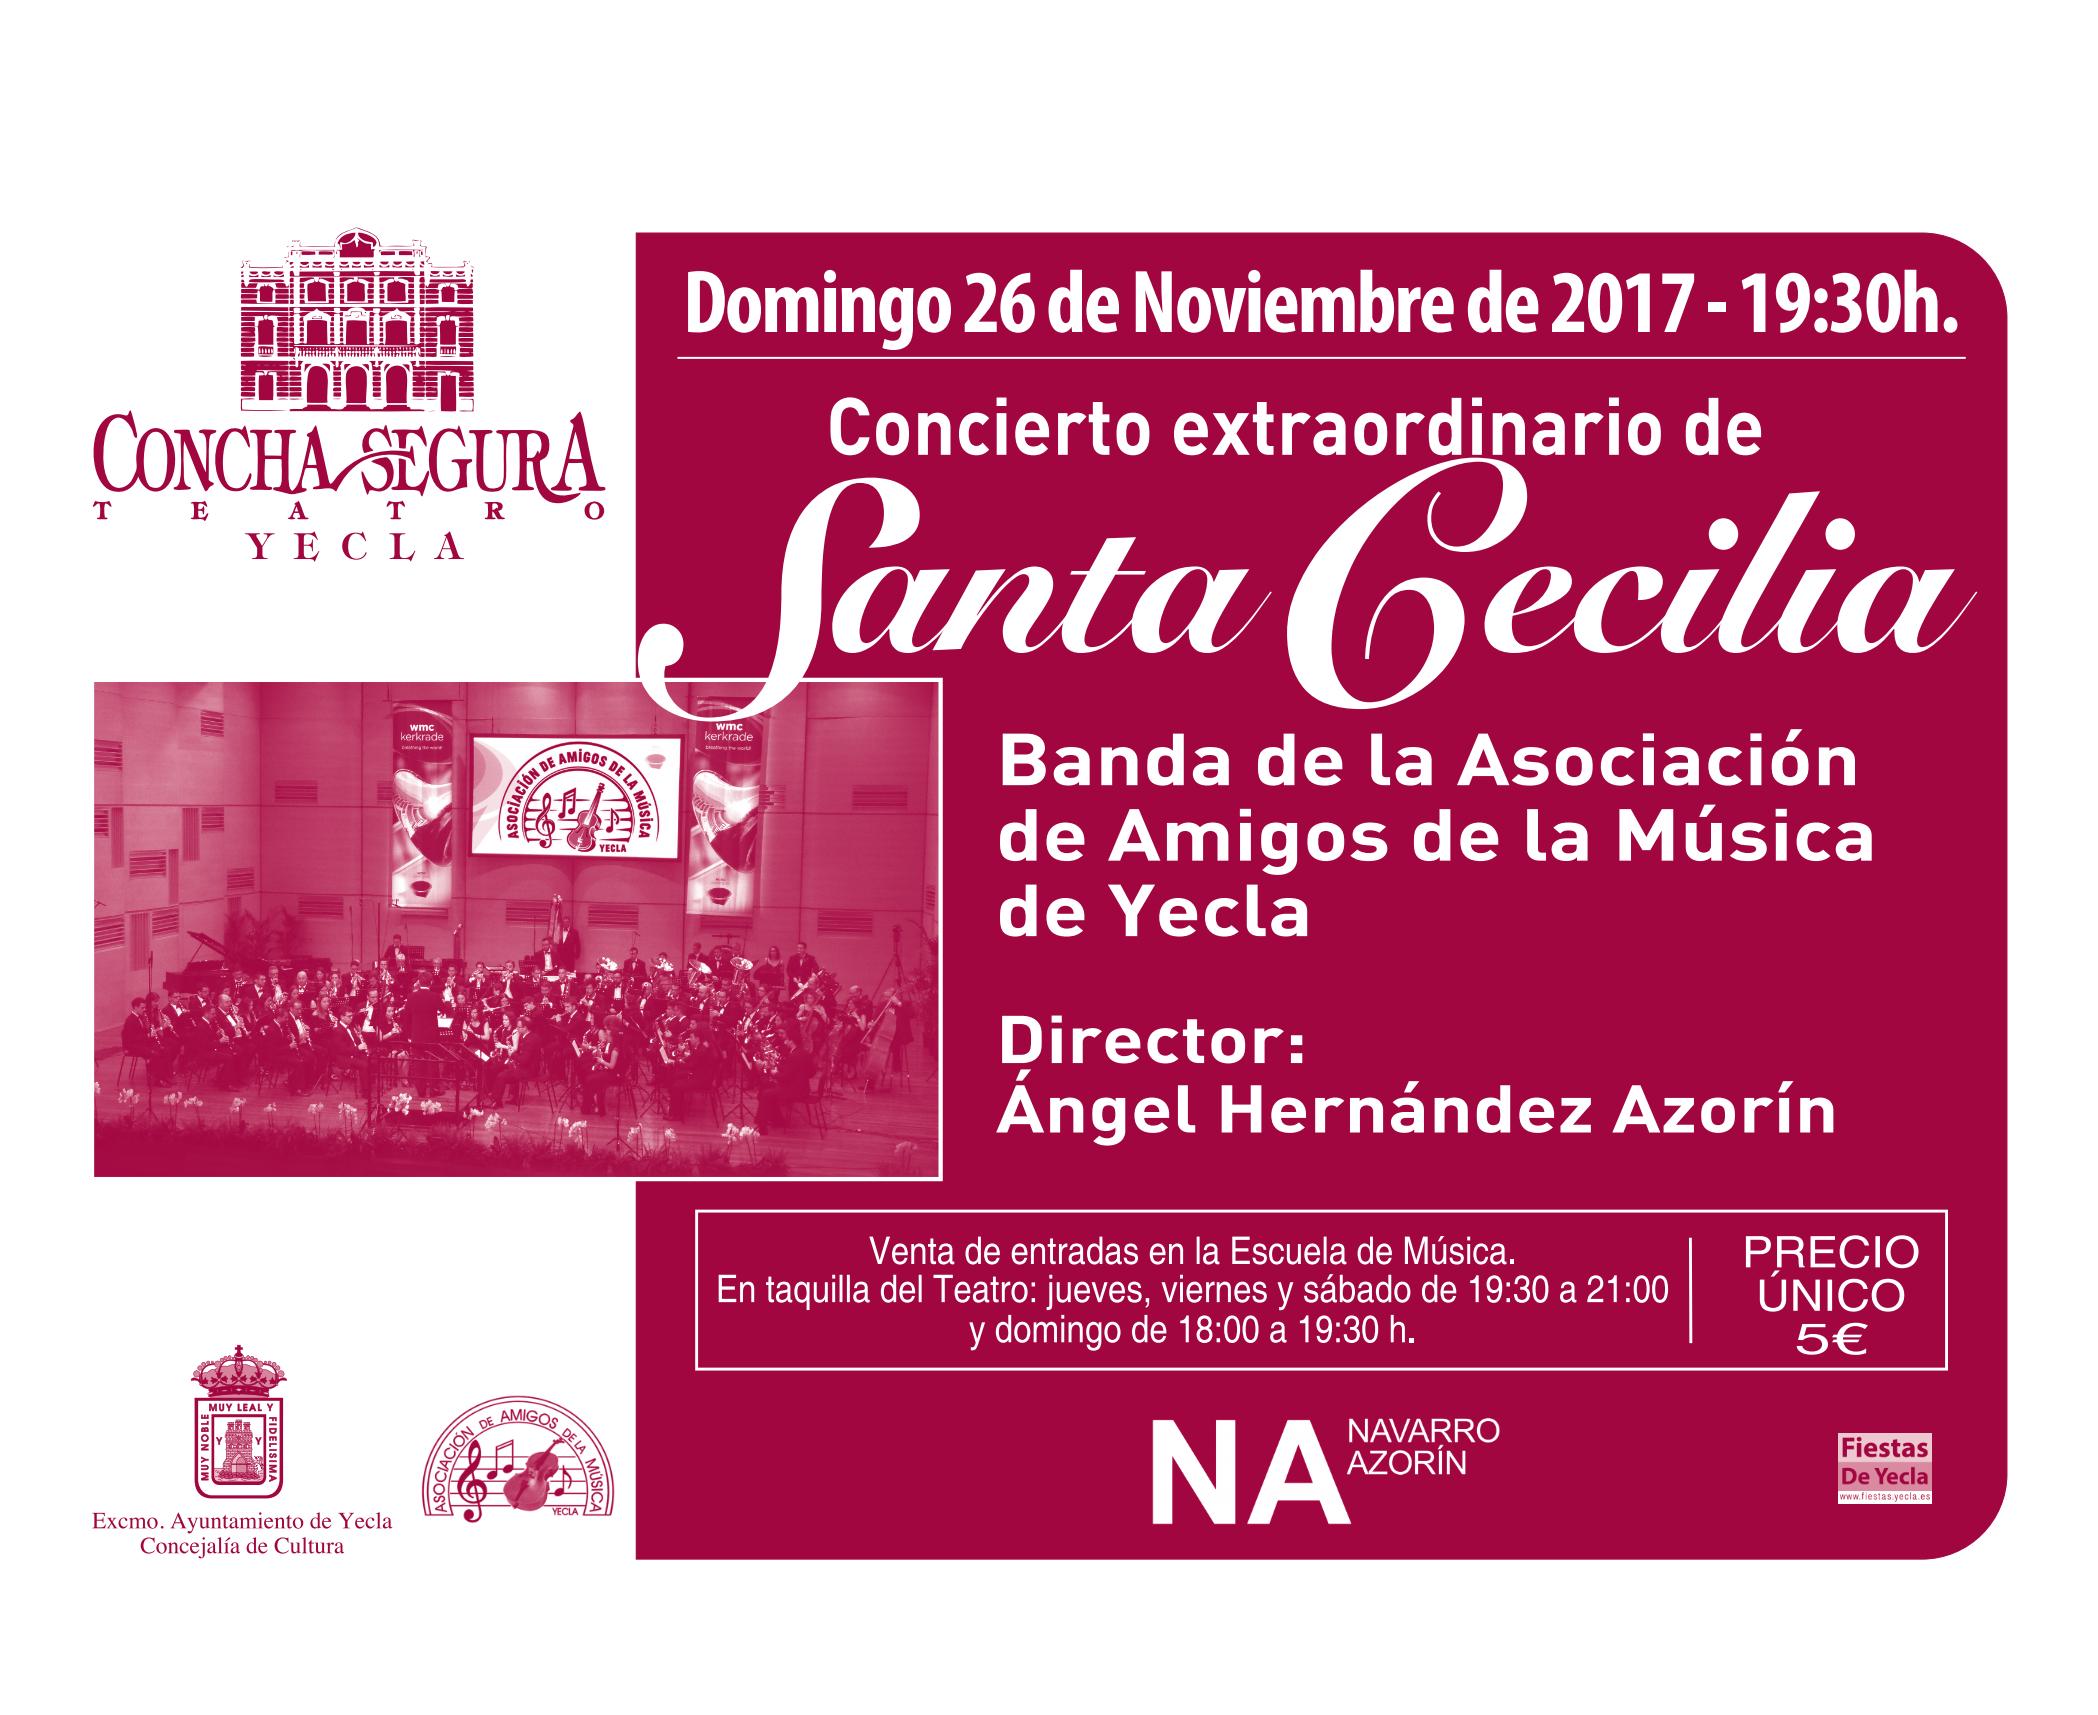 Concierto Extraordinario de Santa Cecilia – Asociación de Amigos de la Música de Yecla